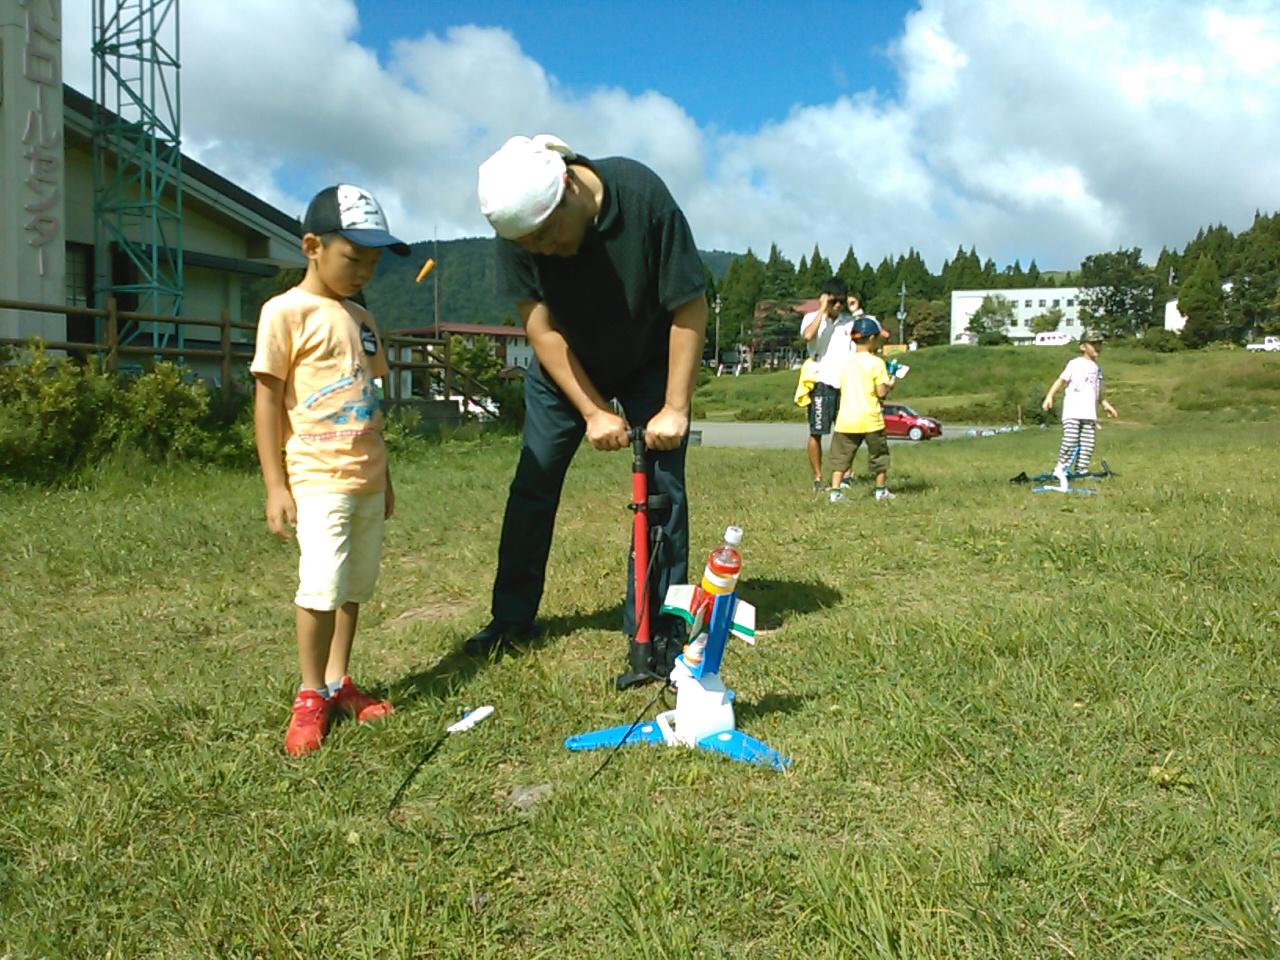 キャンプ二日目・ペットボトルロケット2